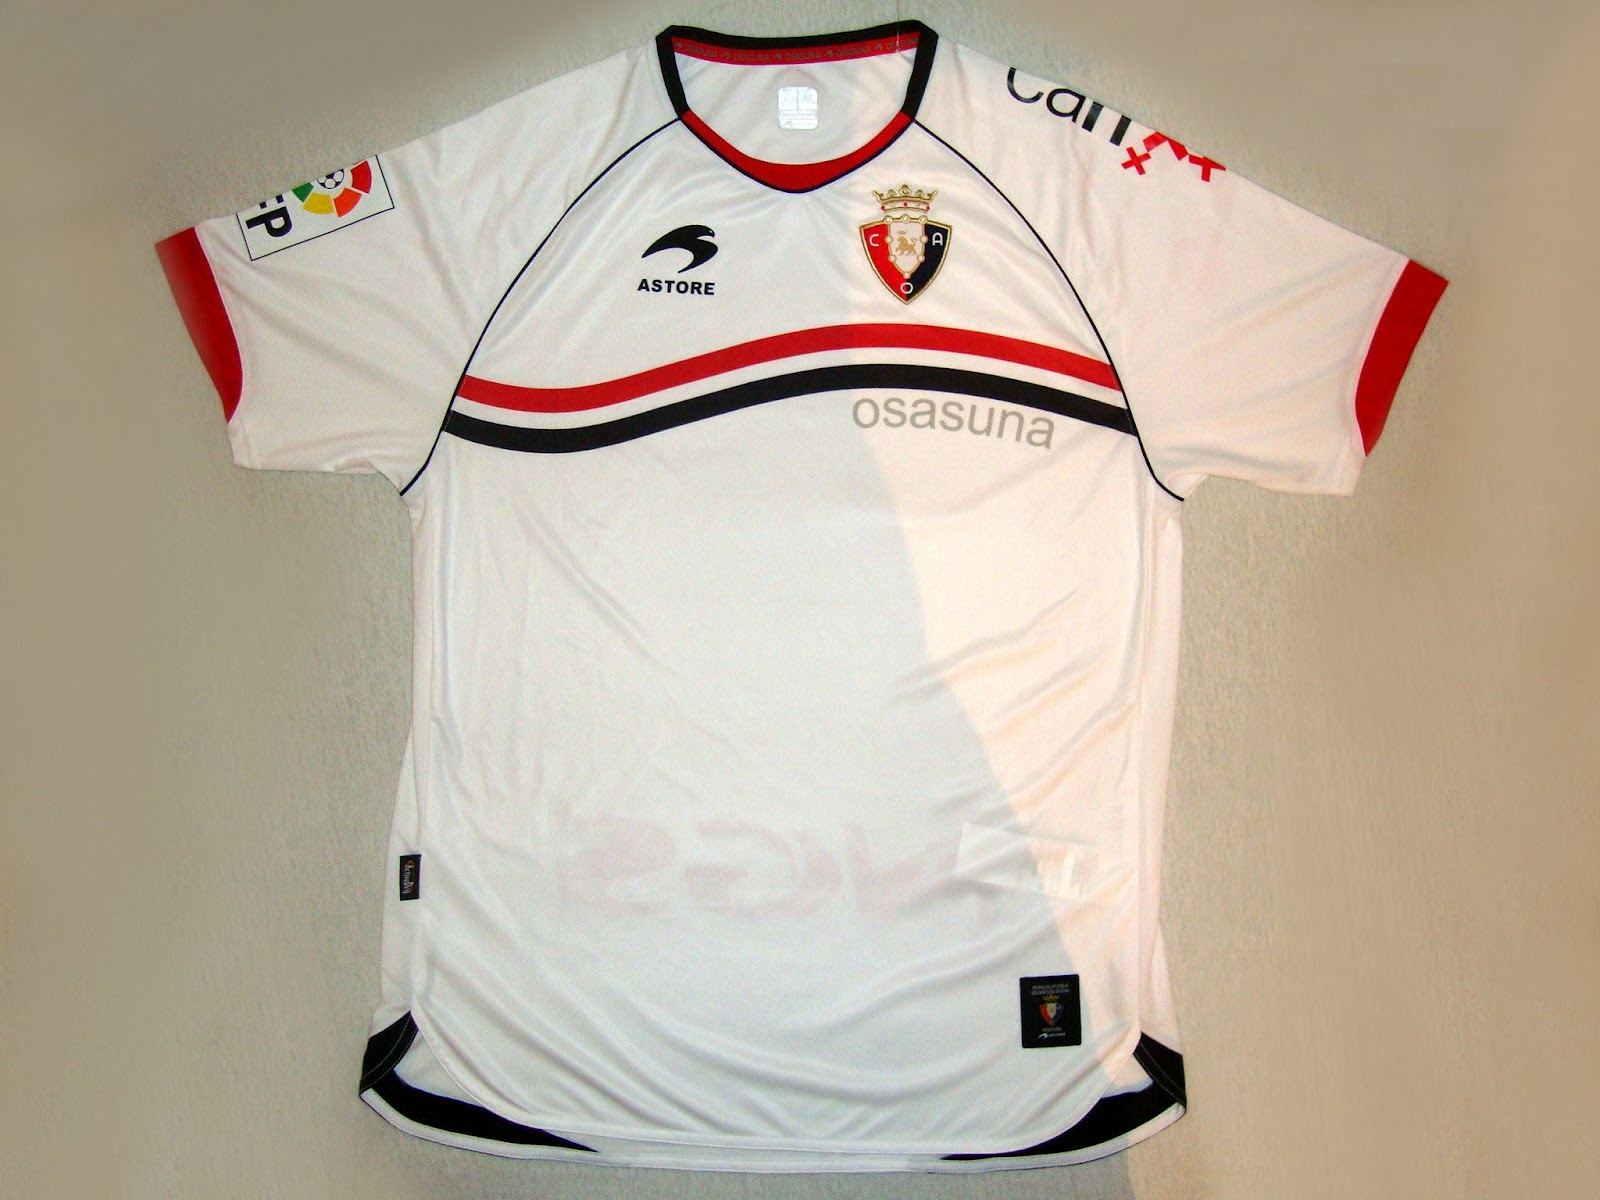 78722528ef Esta camisa do Club Atlético Osasuna foi adquirida na loja virtual Fut  Fanatics. Conheça mais sobre a loja e os outros uniformes que estão a venda.